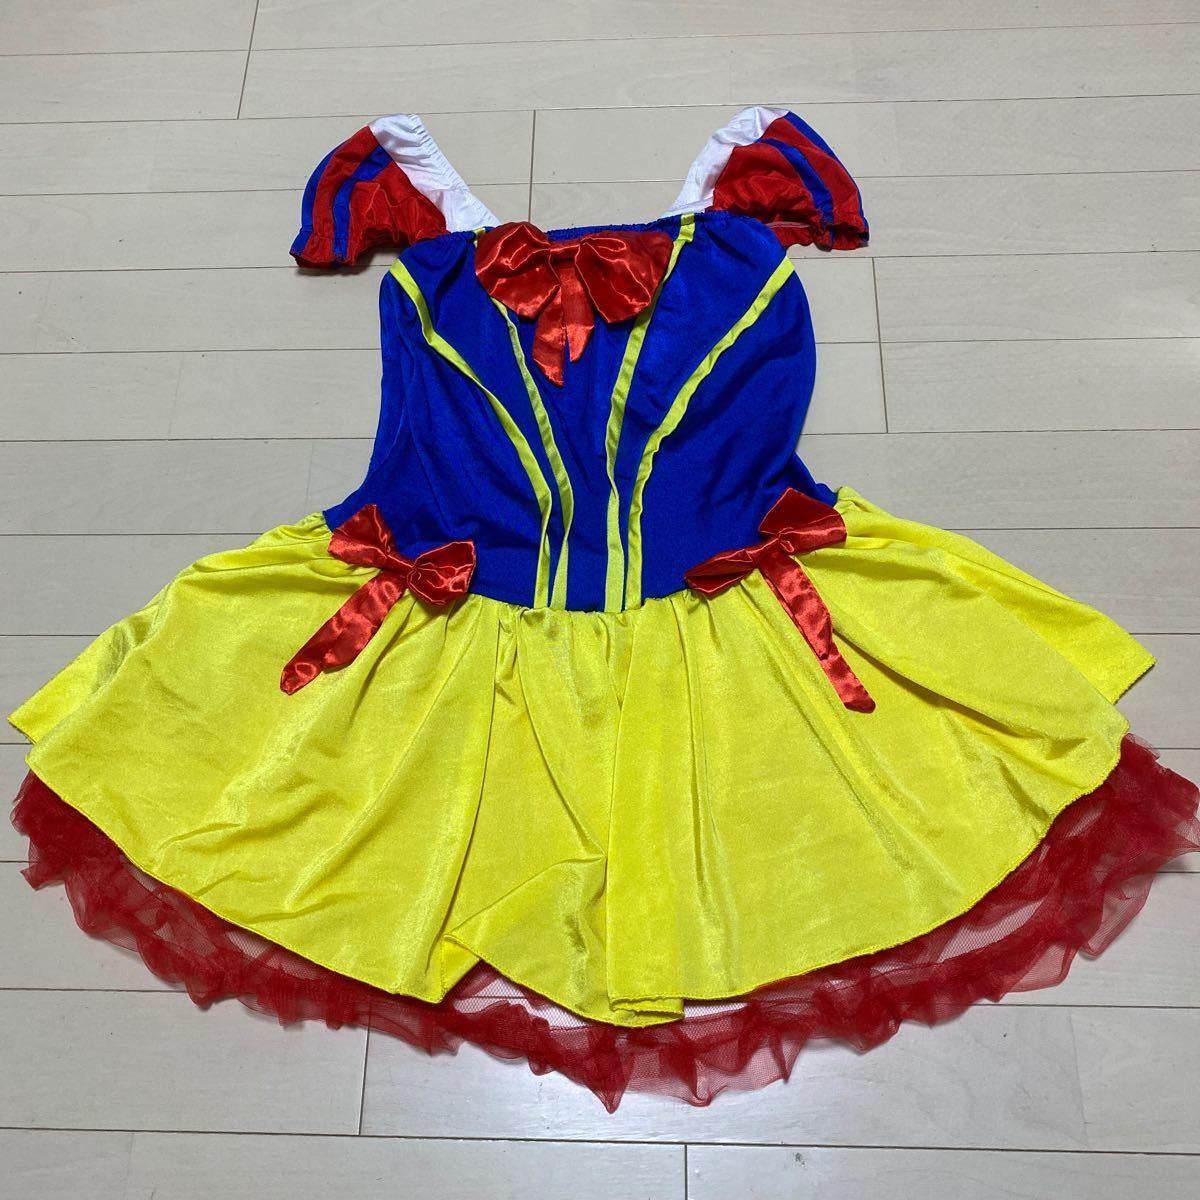 コスプレ コスプレ衣装 白雪姫 ハロウィン衣装